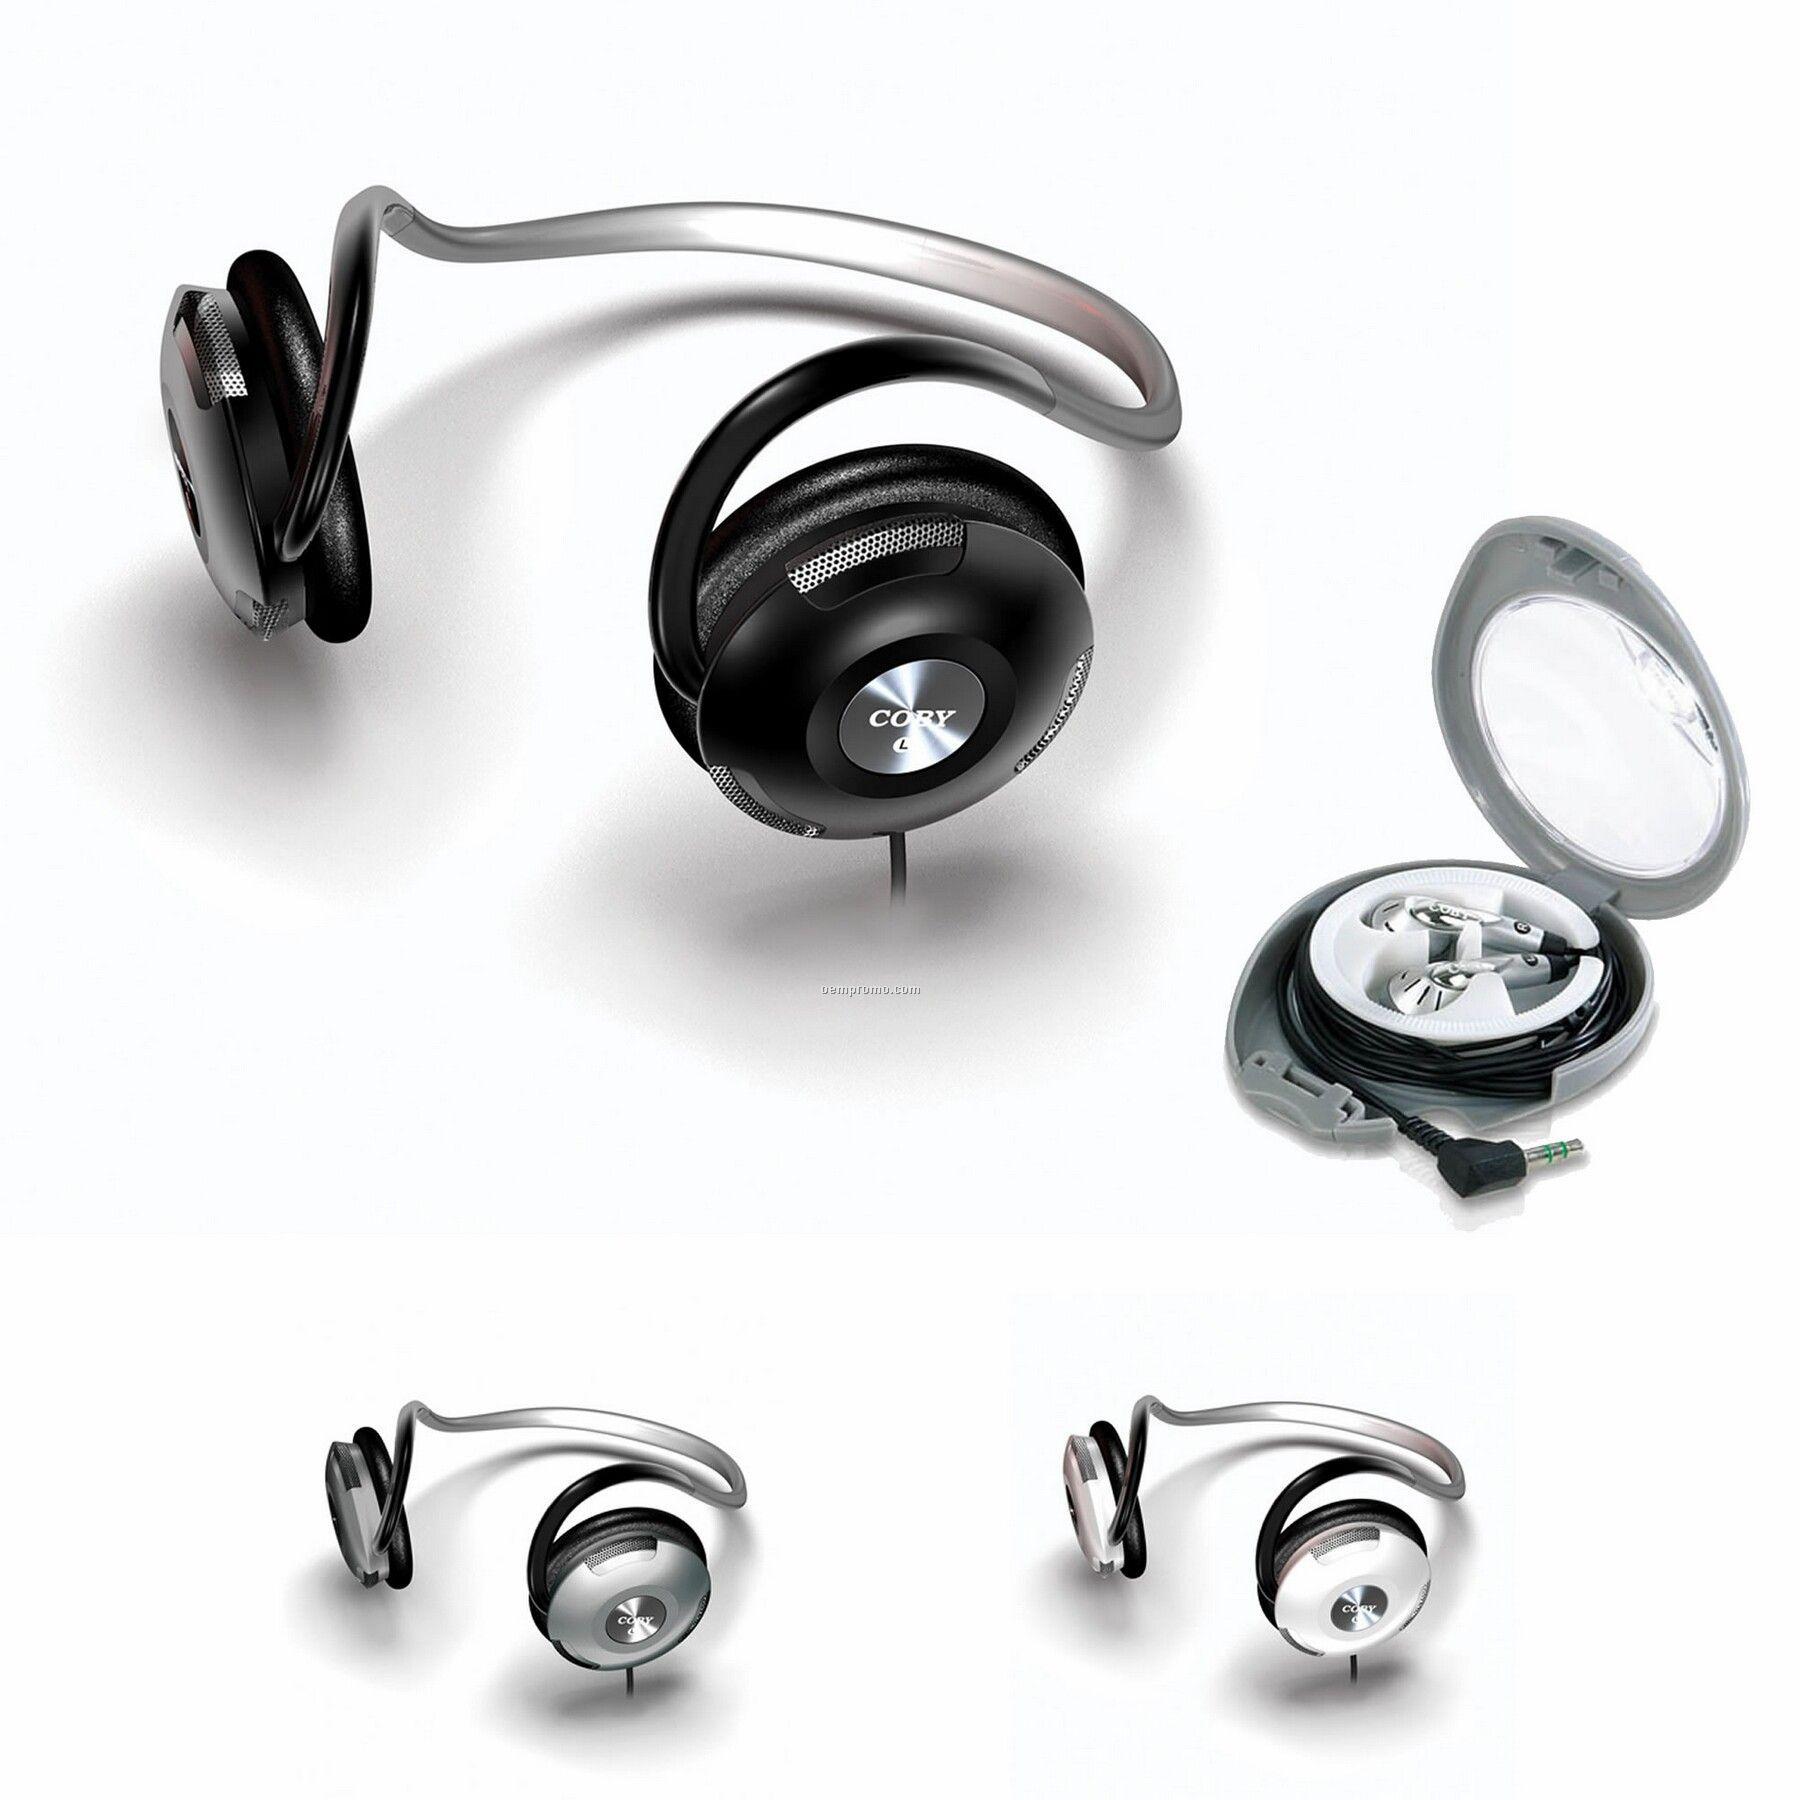 Neckband Digital Stereo Headphone W/ Bonus Earphones & Carry Case